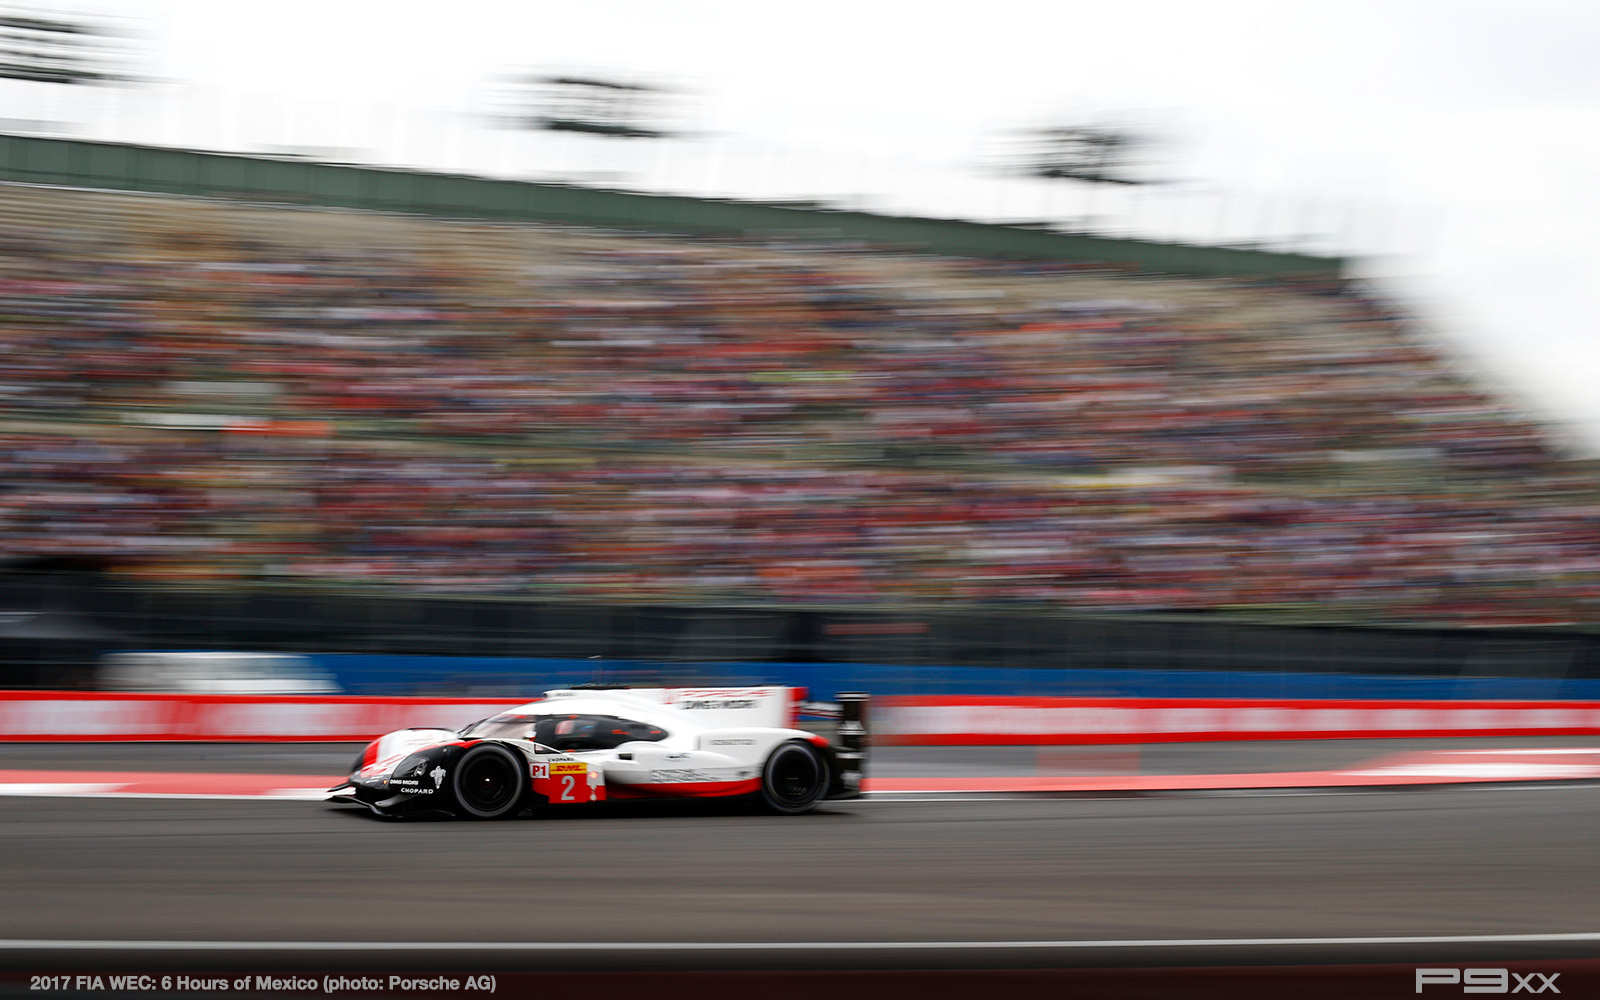 2017-FIA-WEC-6-HOURS-MEXICO-PORSCHE-1308